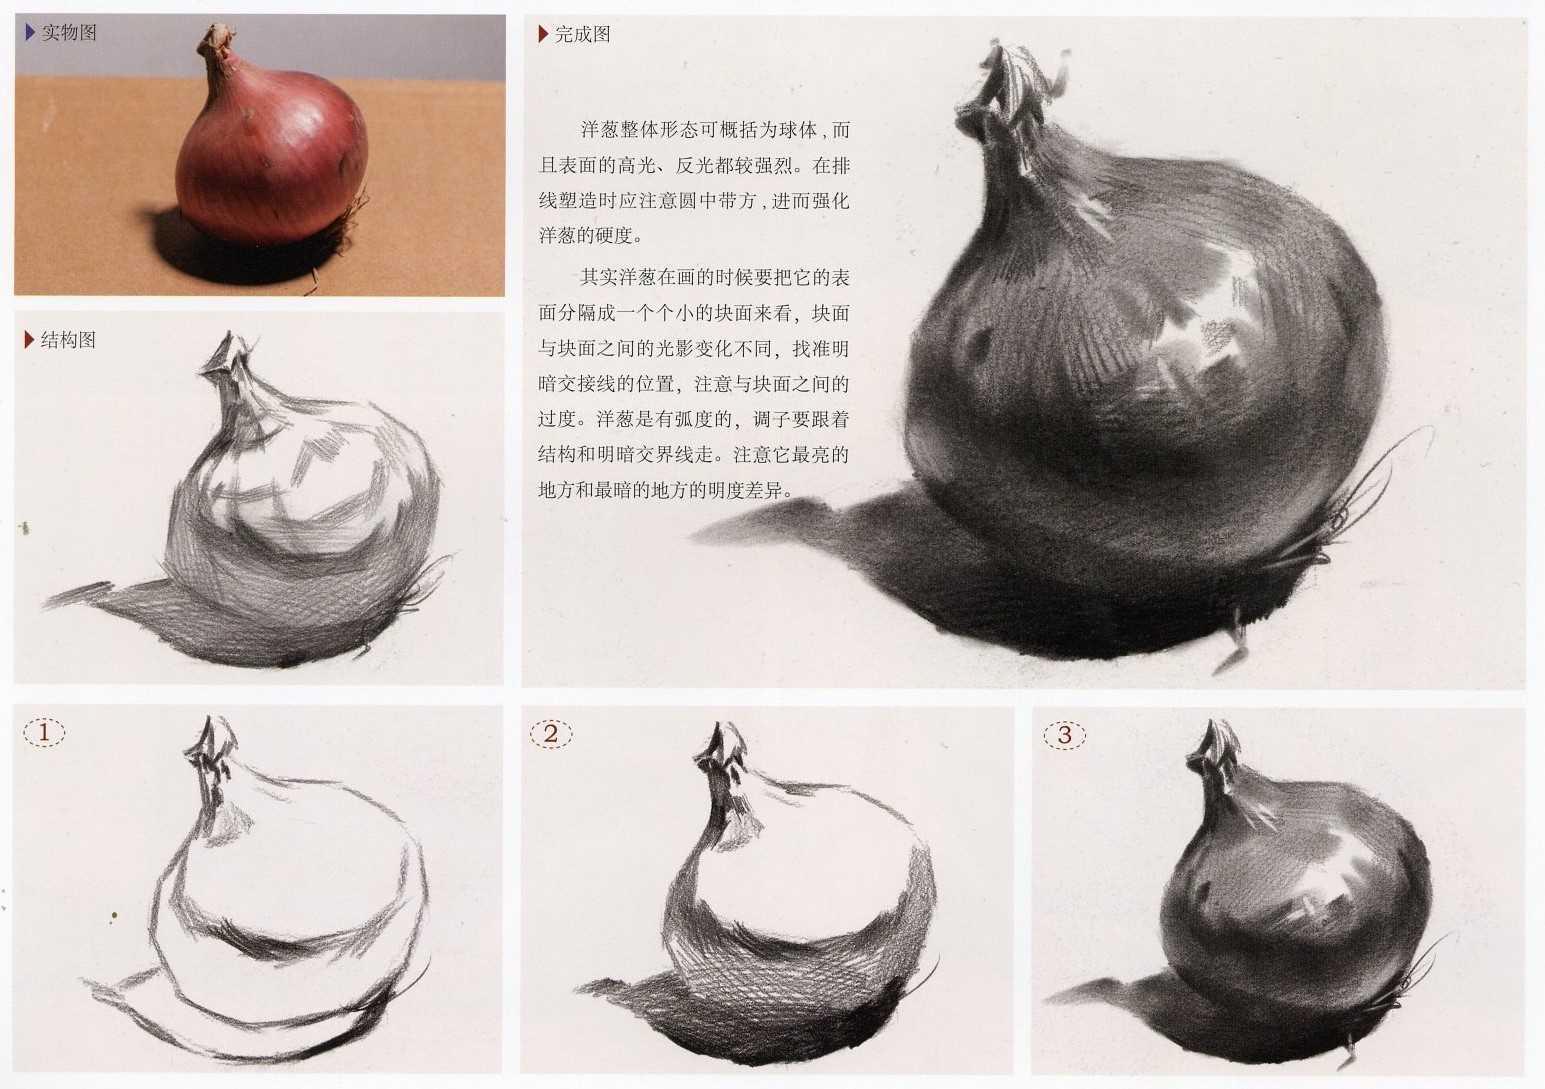 素描静物洋葱实体图和素描步骤